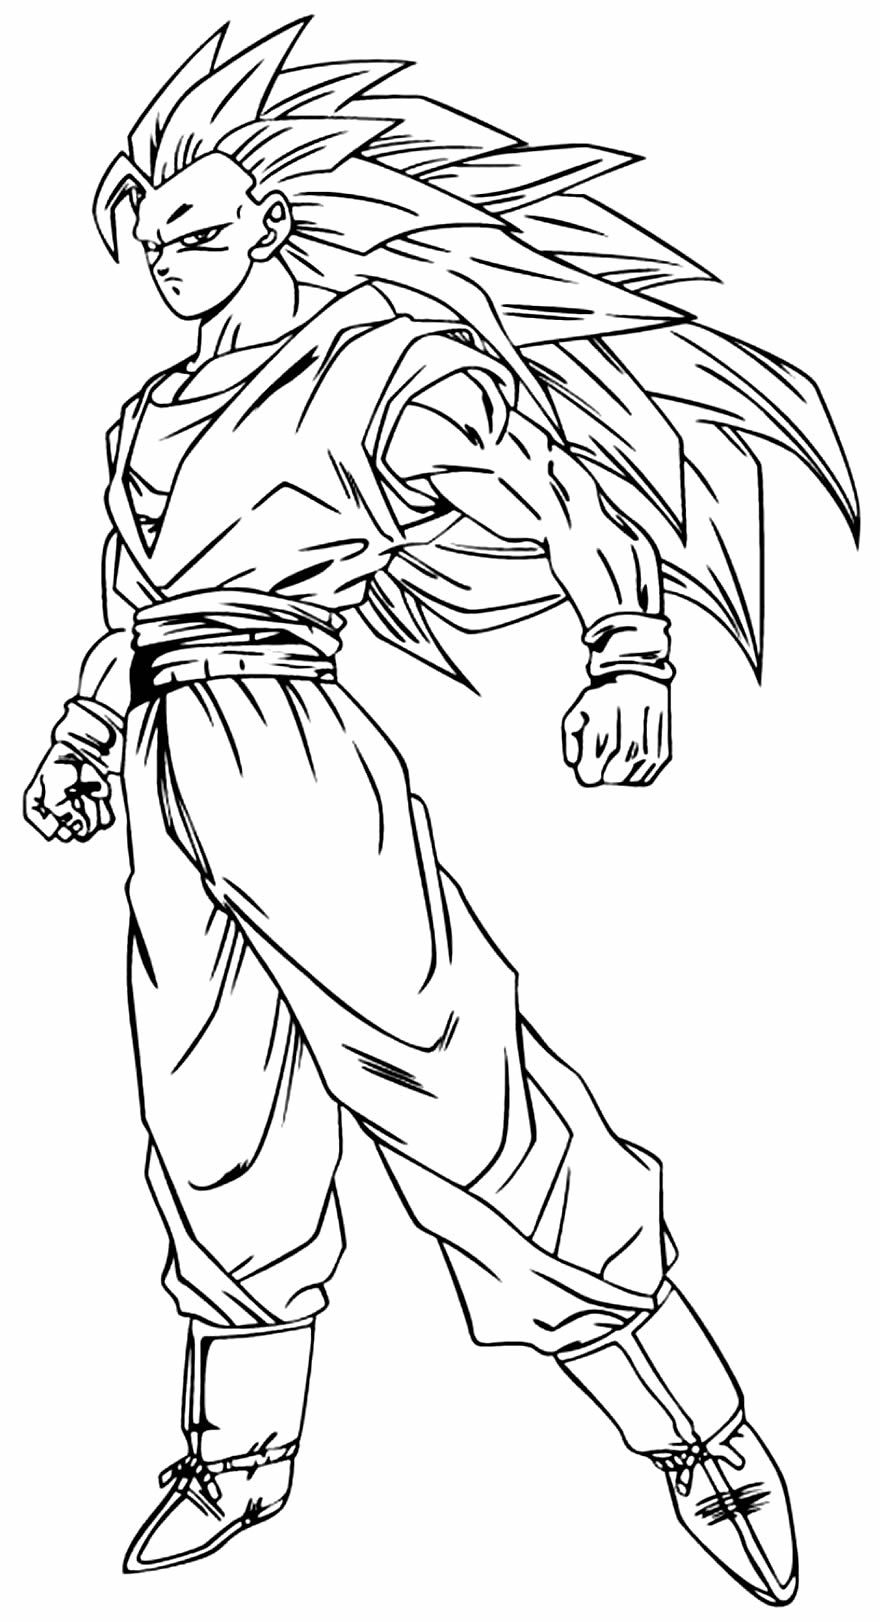 Desenho para colorir de Goku